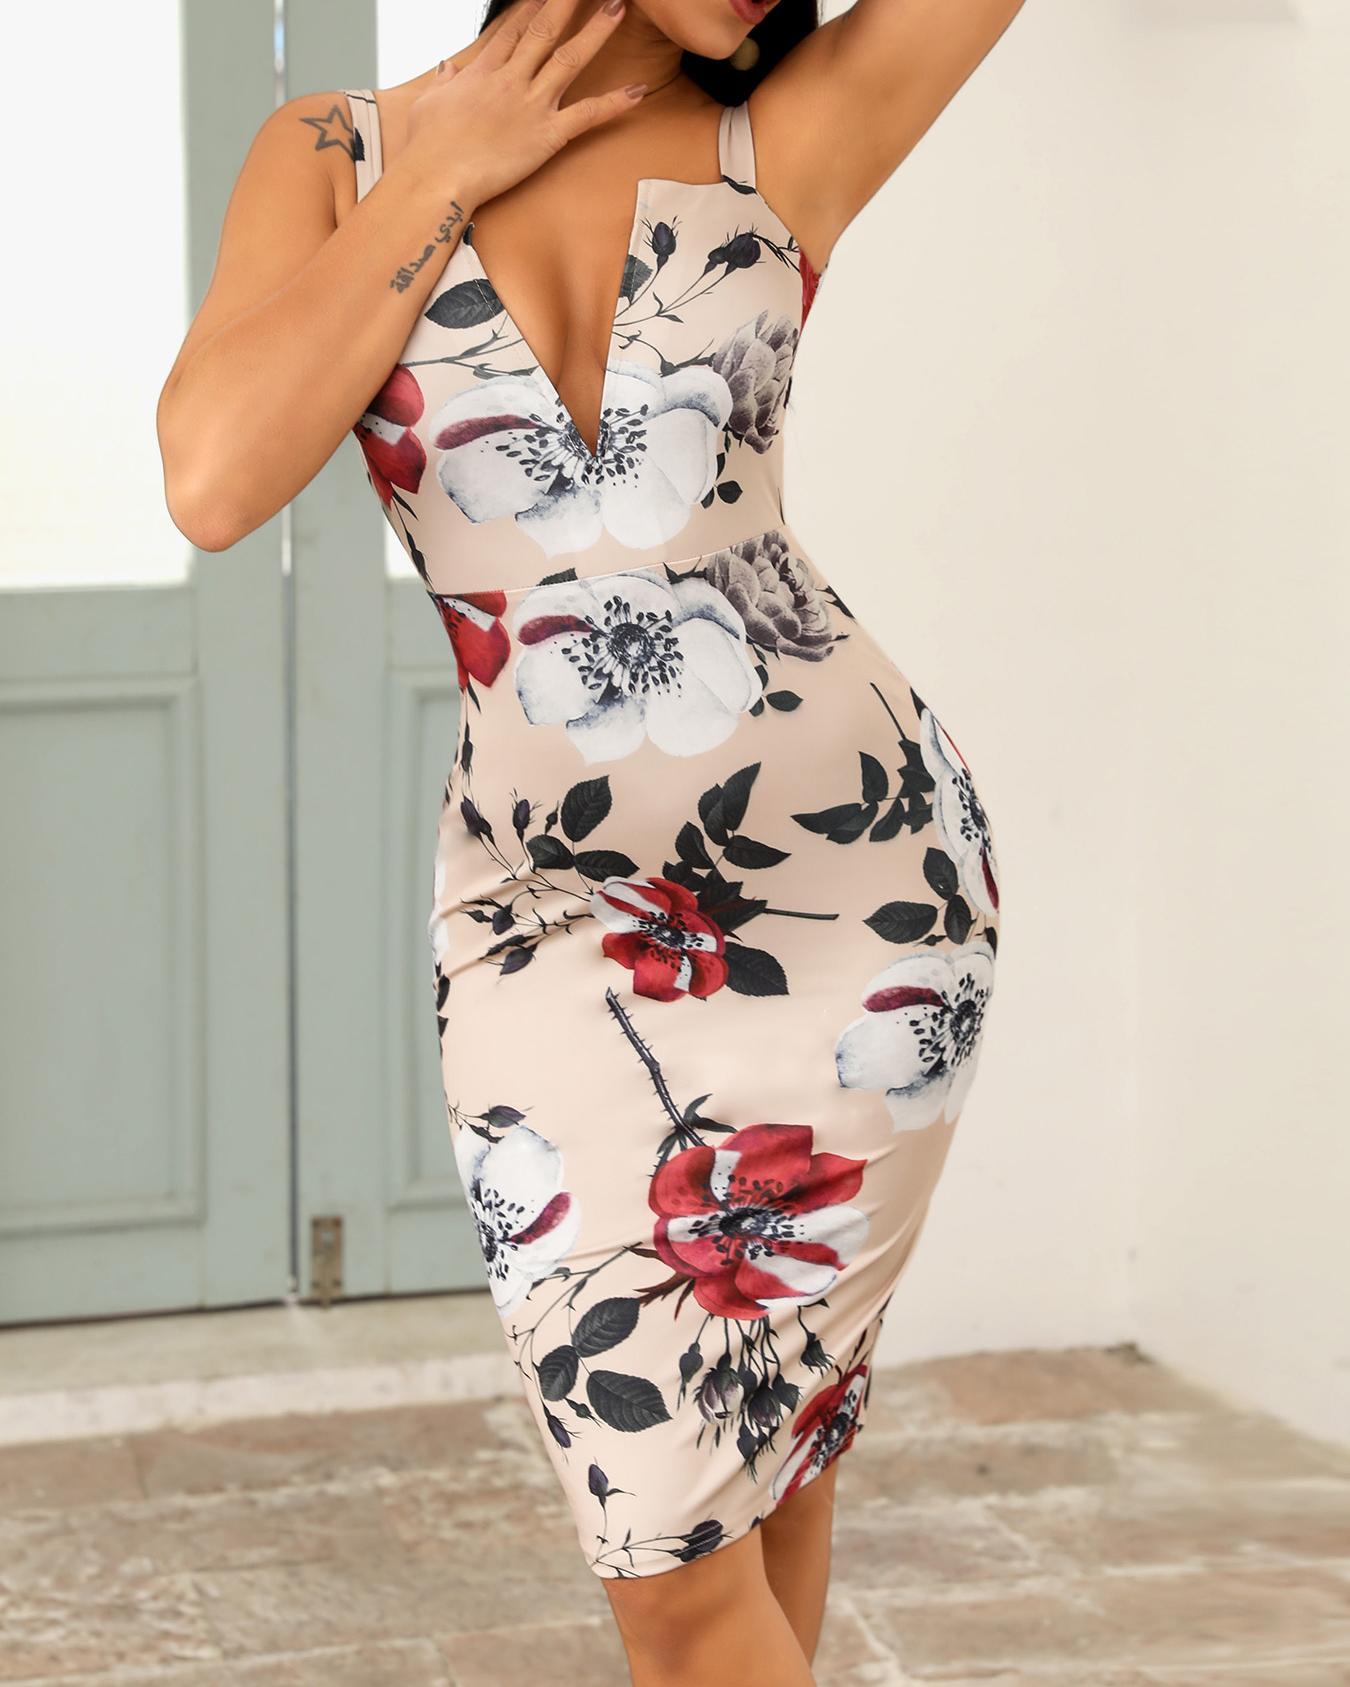 ivrose / Vestido sin espalda con estampado floral en V profundo